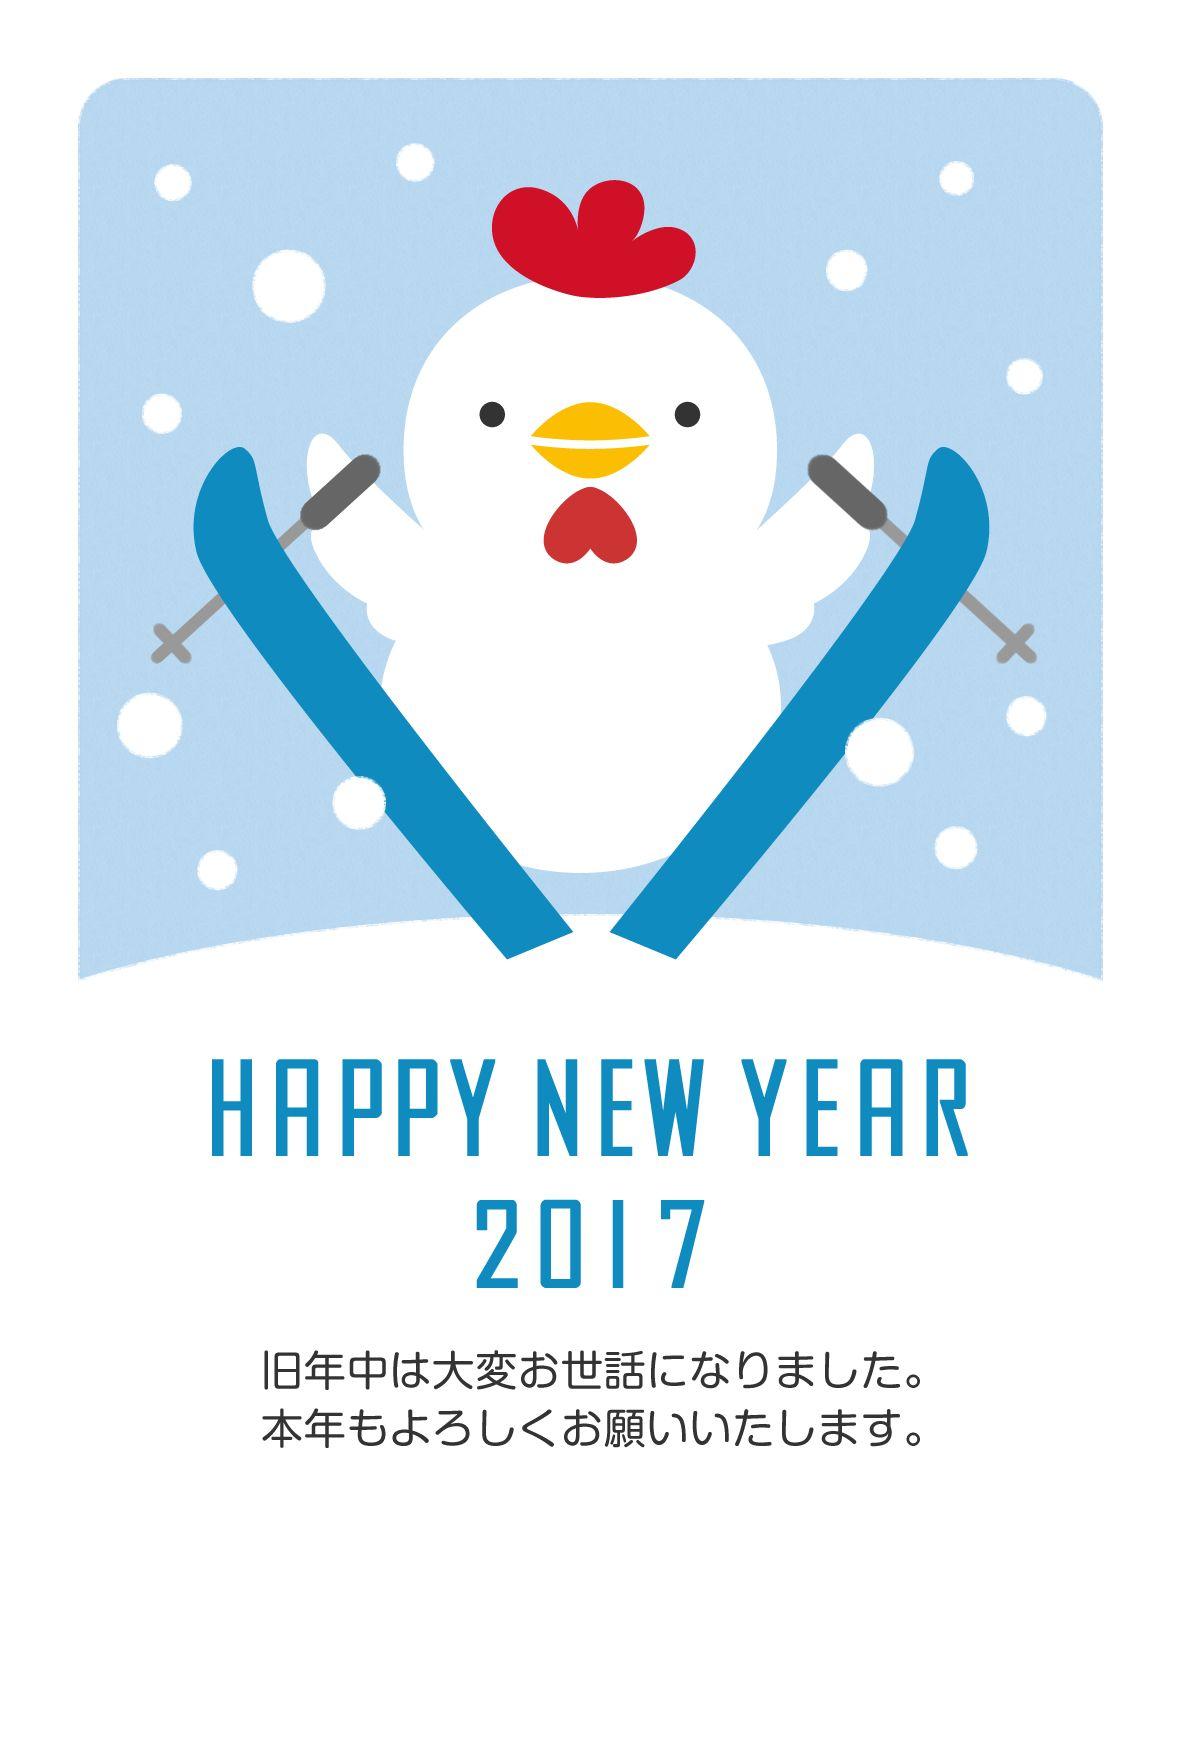 年賀状2017無料テンプレート]スキーでジャンプする可愛い鶏 | 中国